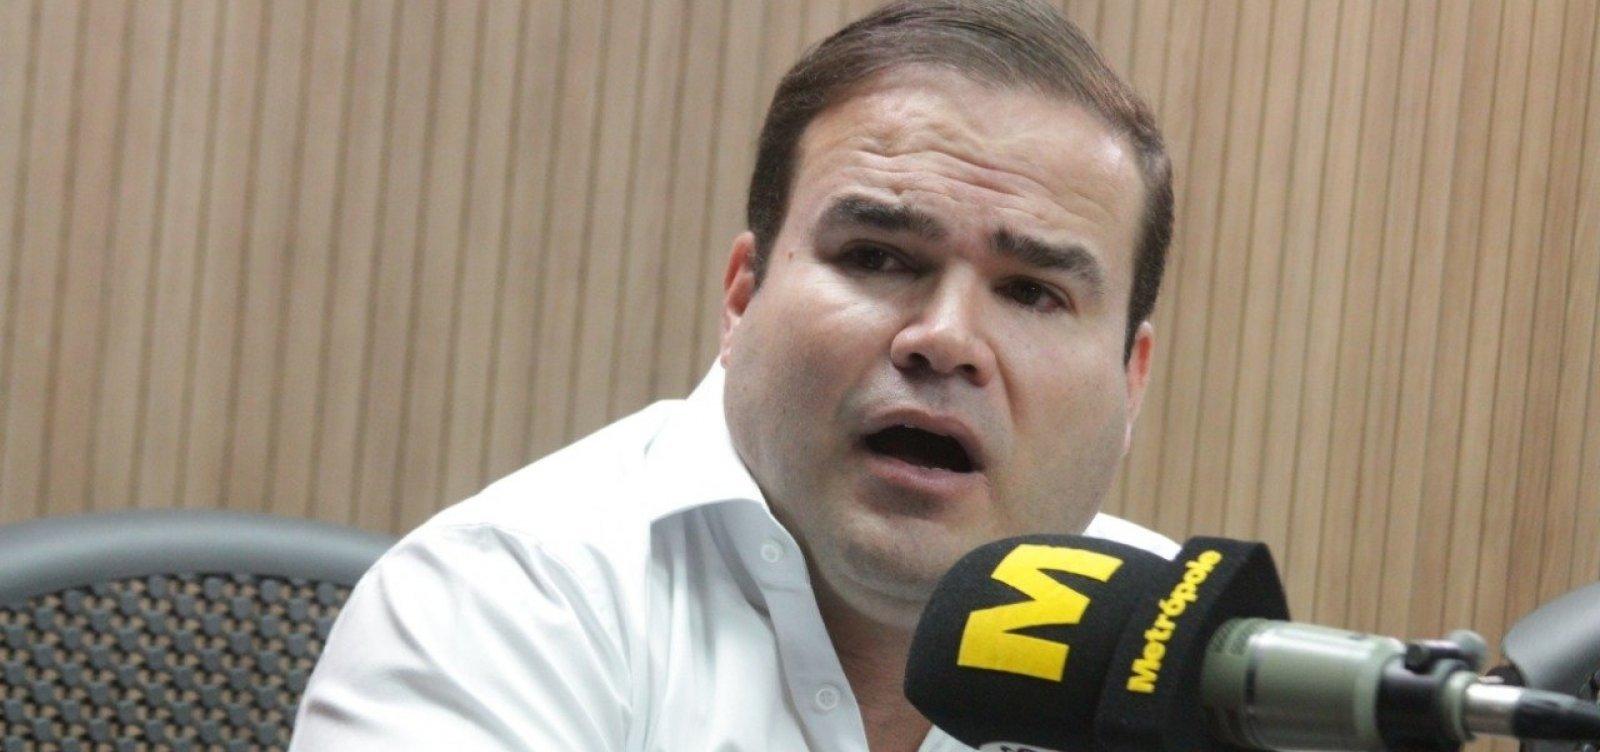 ['Rui é cabo eleitoral importantíssimo nessa corrida', diz Cacá Leão sobre 2020]